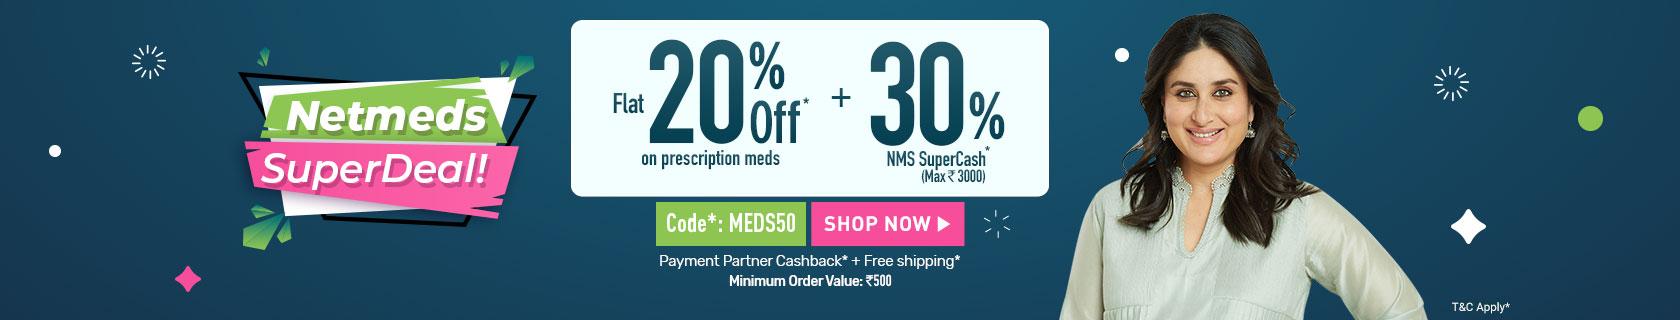 Get up to 50% off on medicines + Cashback